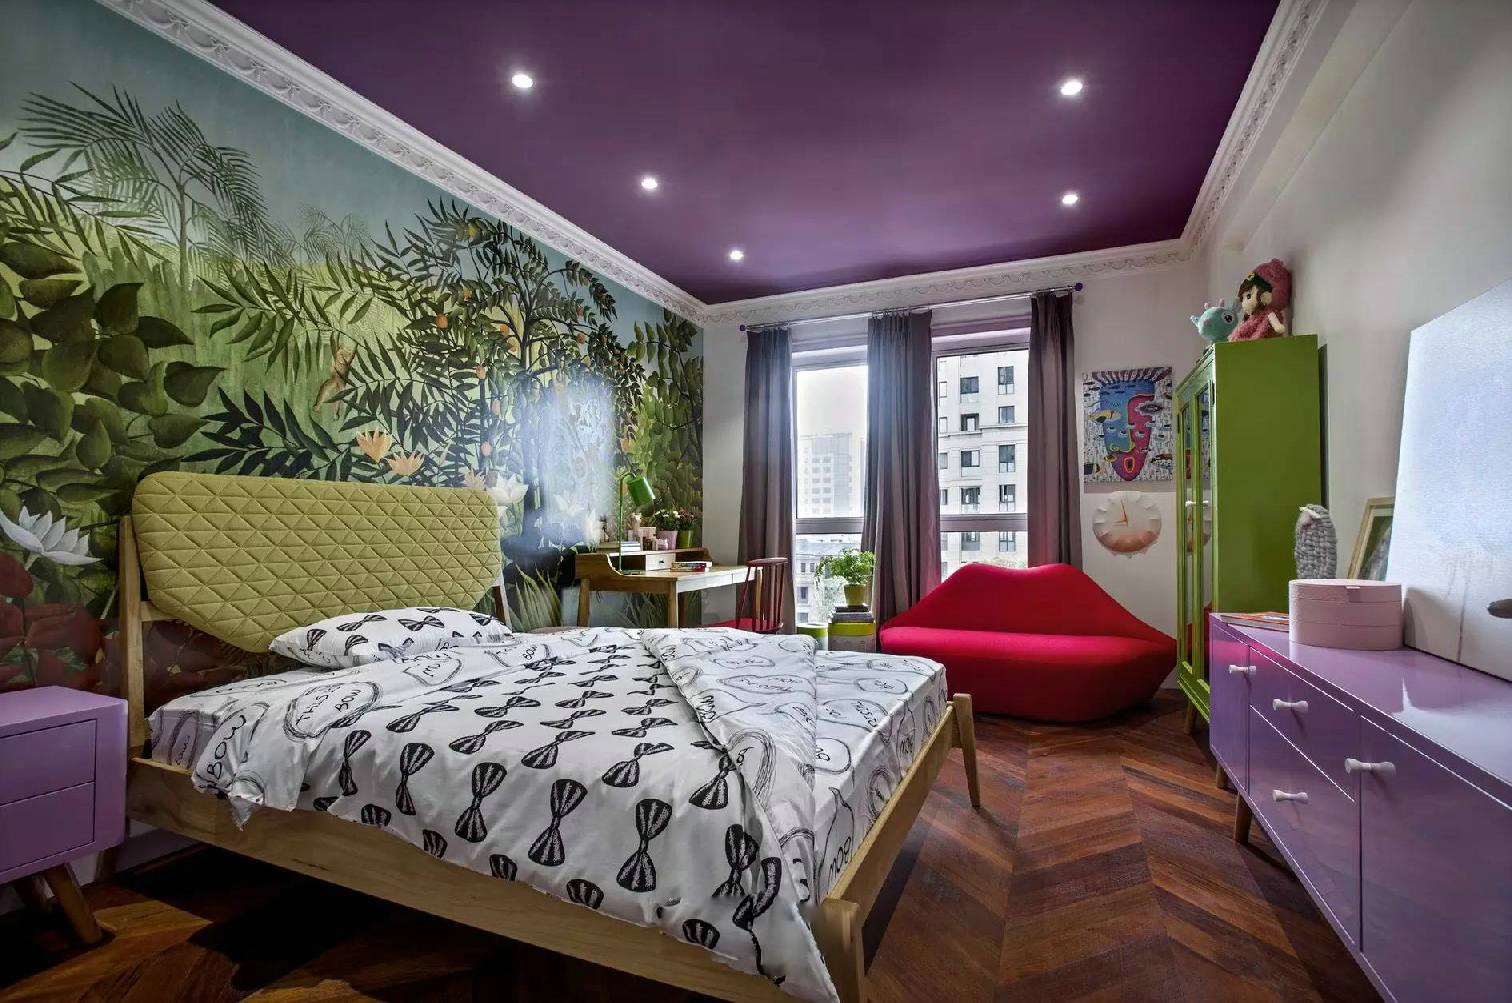 简约 北欧 三居 小资 卧室图片来自别墅设计师杨洋在北欧简约混搭色彩案例的分享